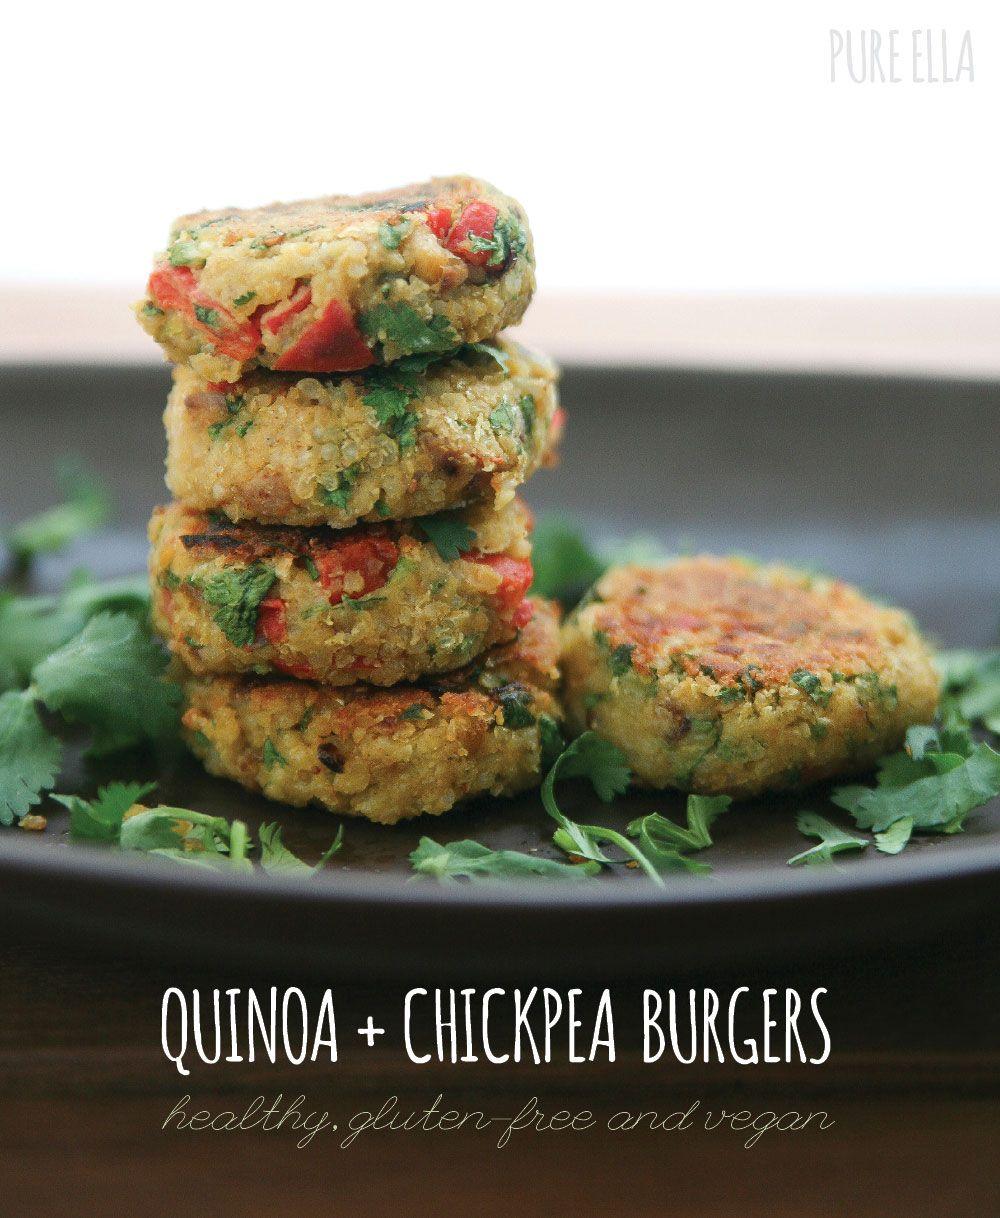 Quinoa  Chickpea Burgers  Vegan Recipes  Pinterest  Vegetariano Comida and Vegano